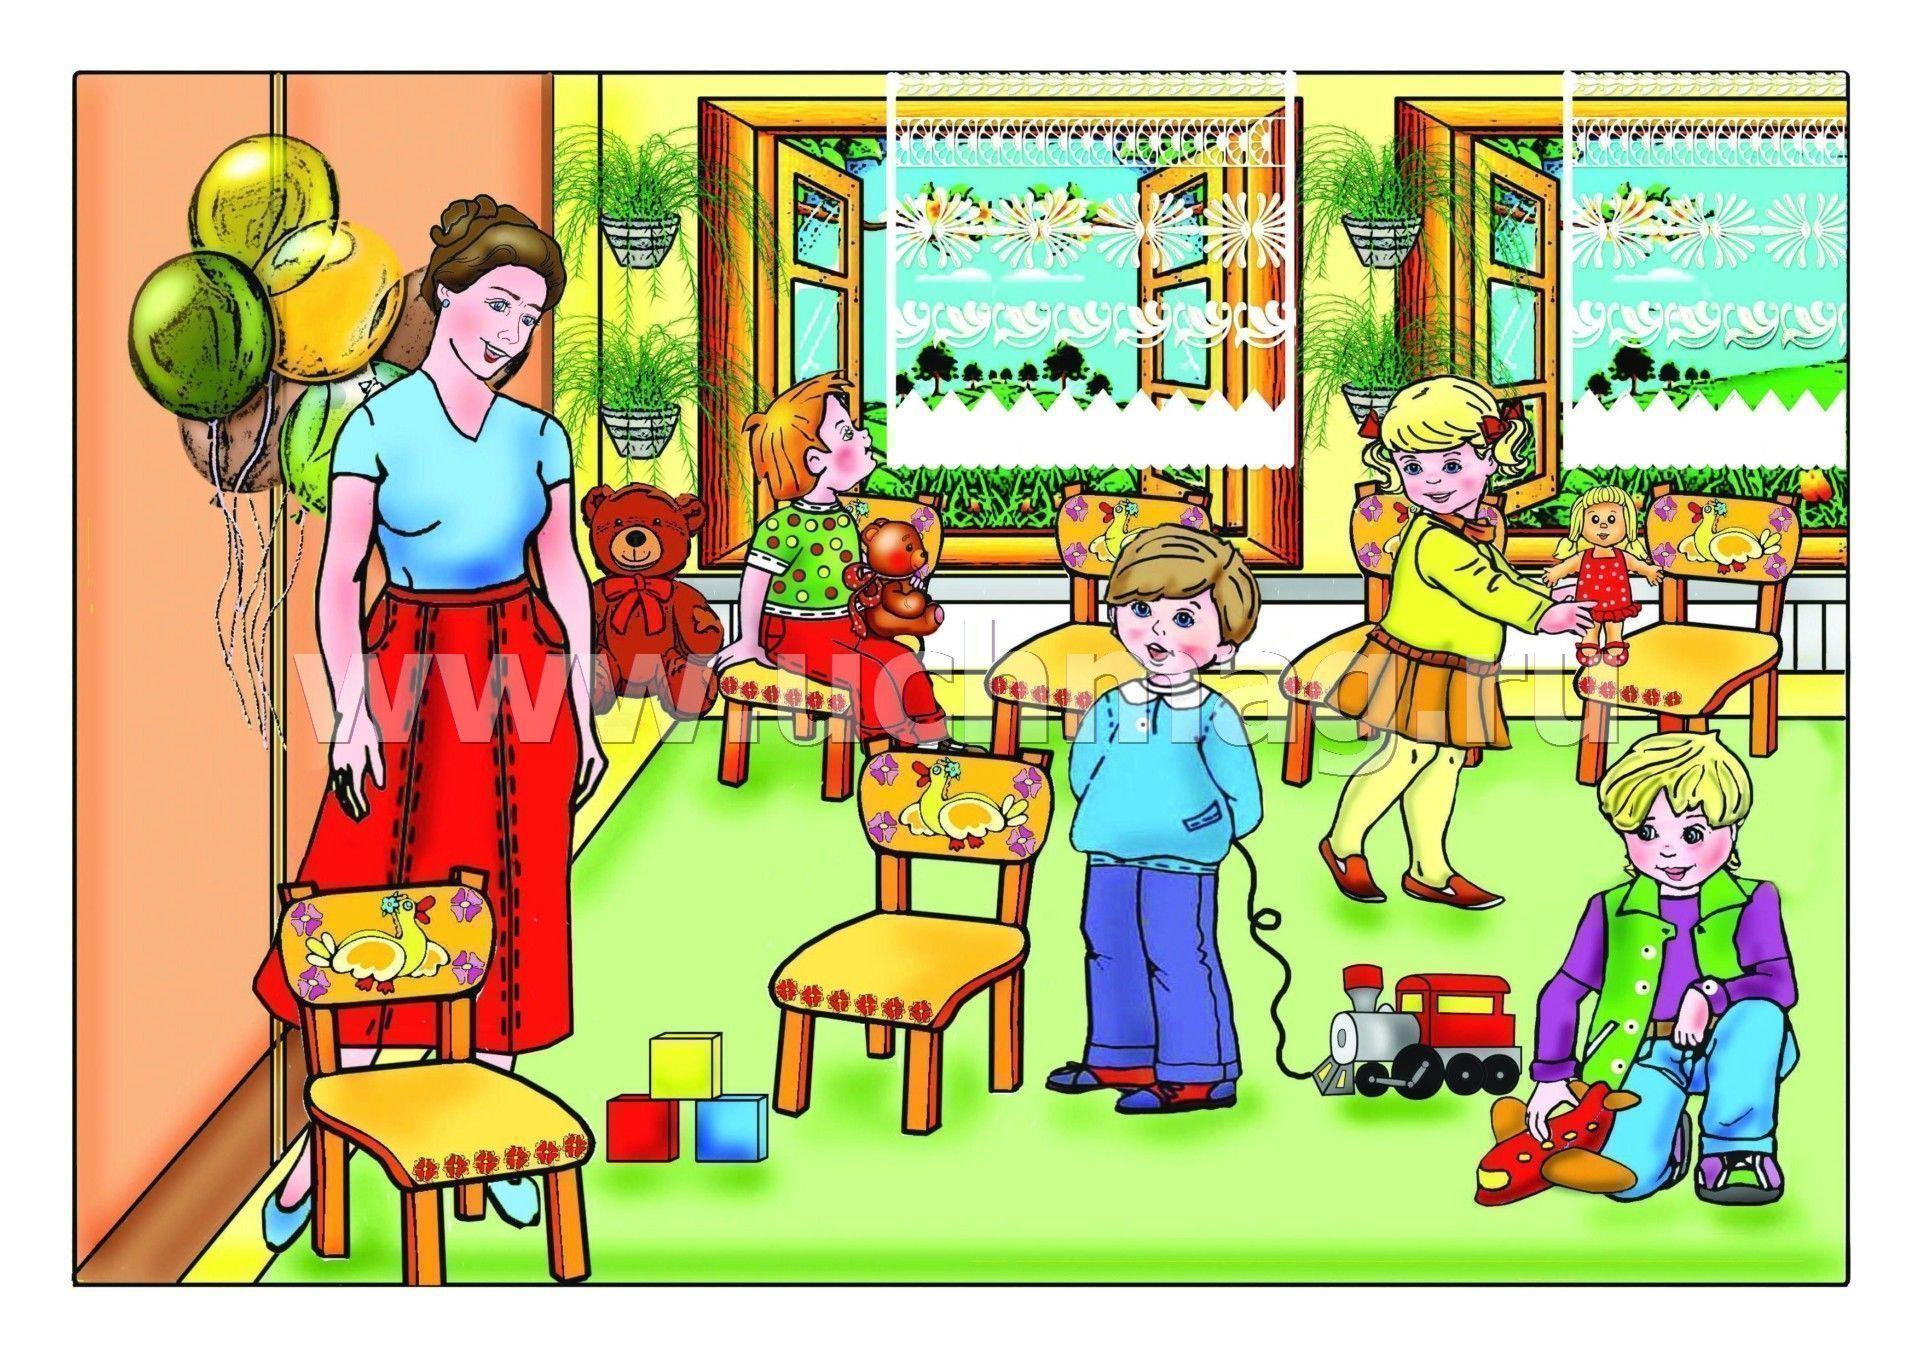 Детсад.ру сюжетно-ролевая игра ролевая игра по нарнии 2012